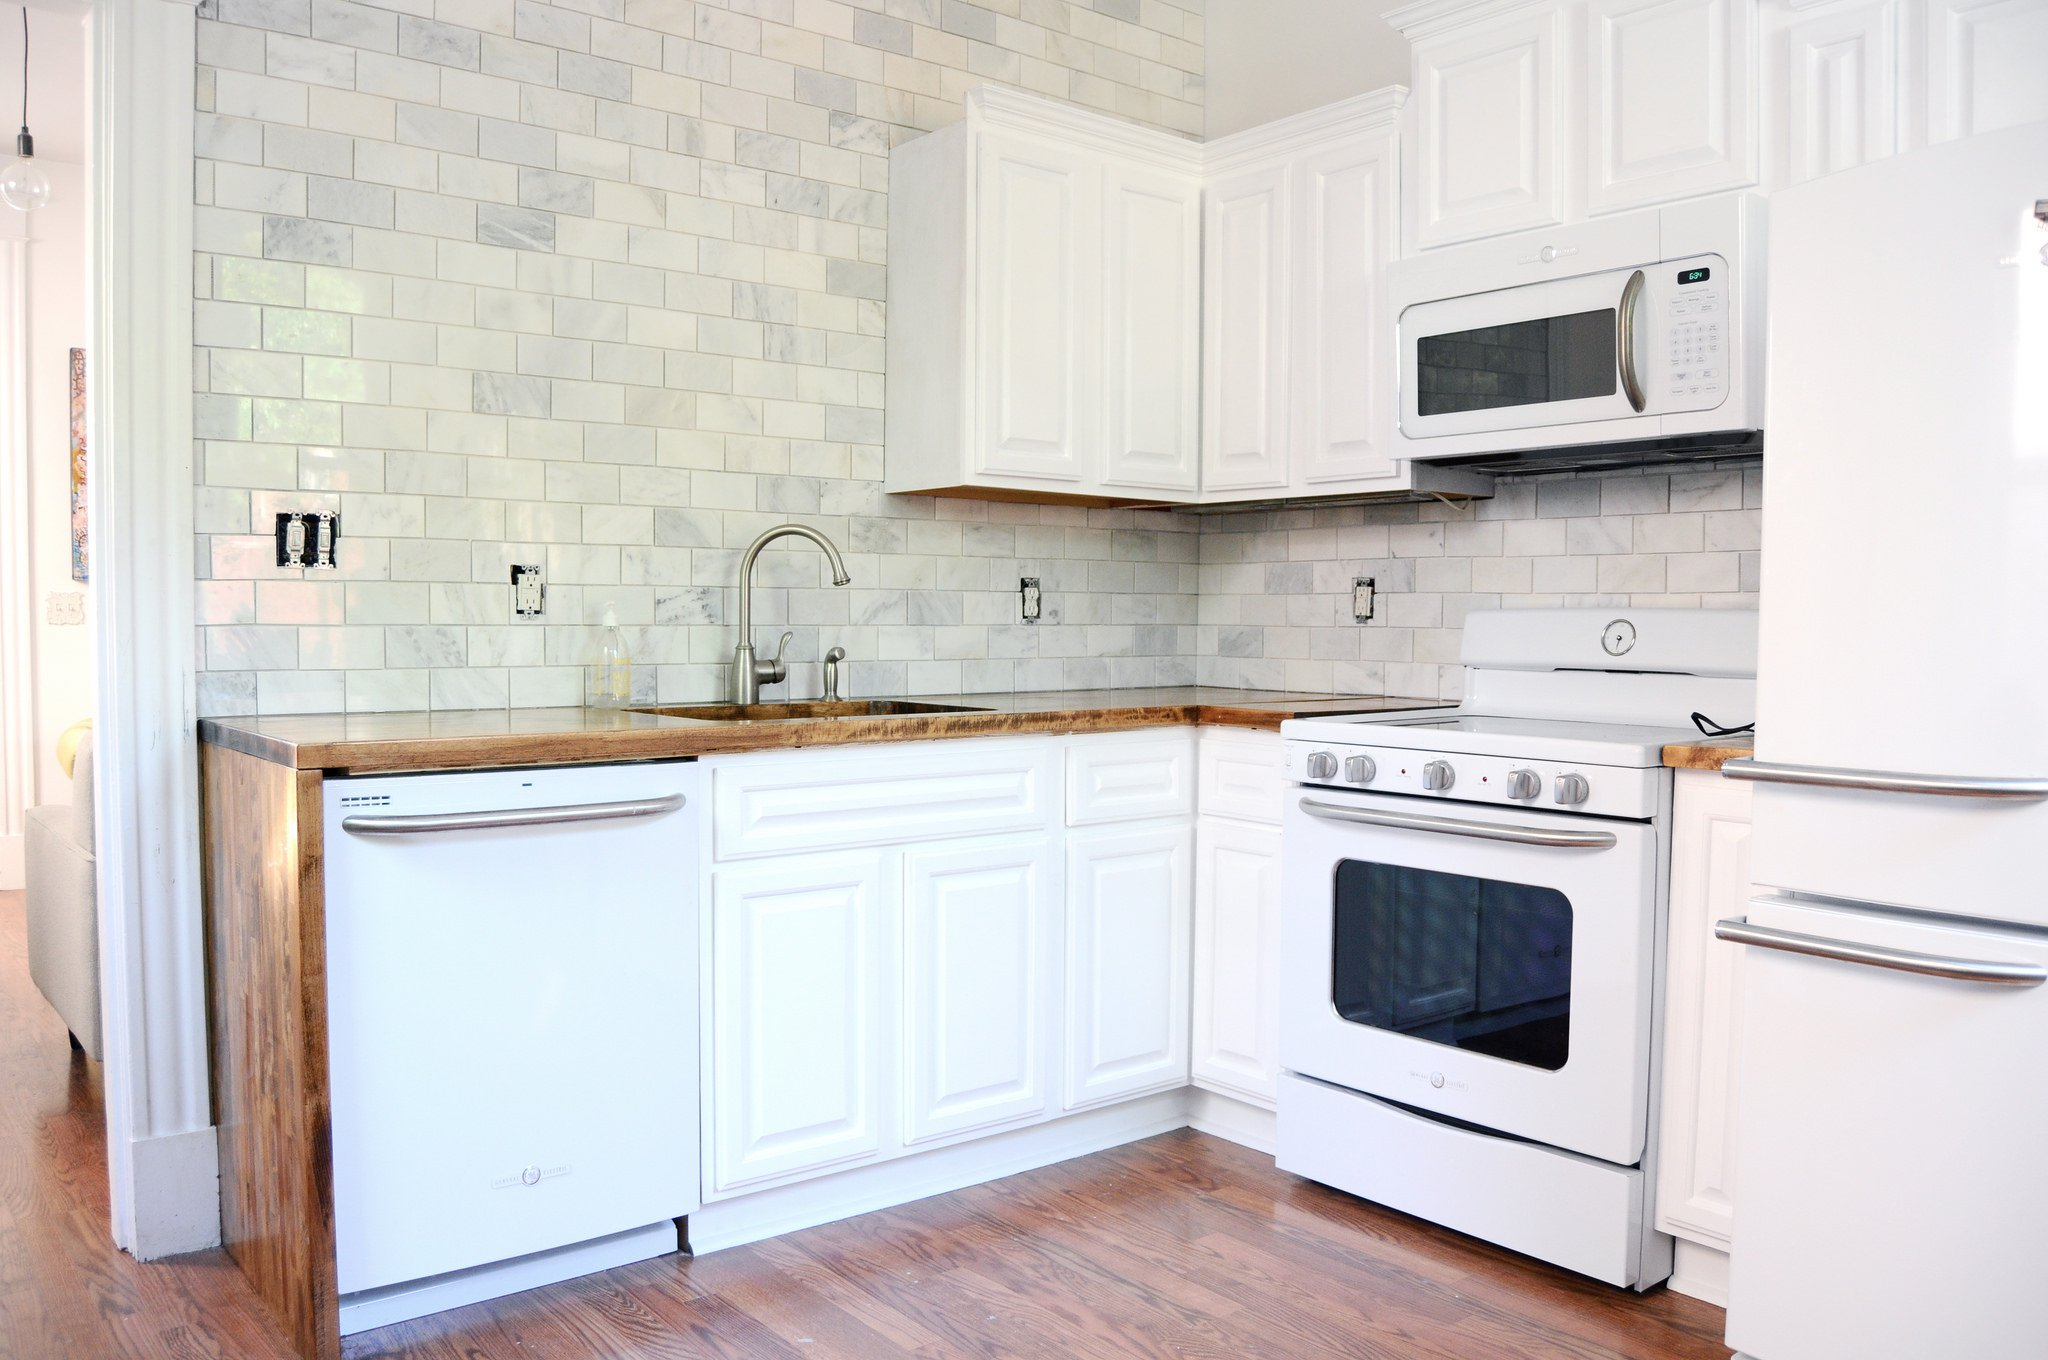 Trucos para actualizar la cocina y dejarla como nueva - Cocina blanca encimera blanca ...